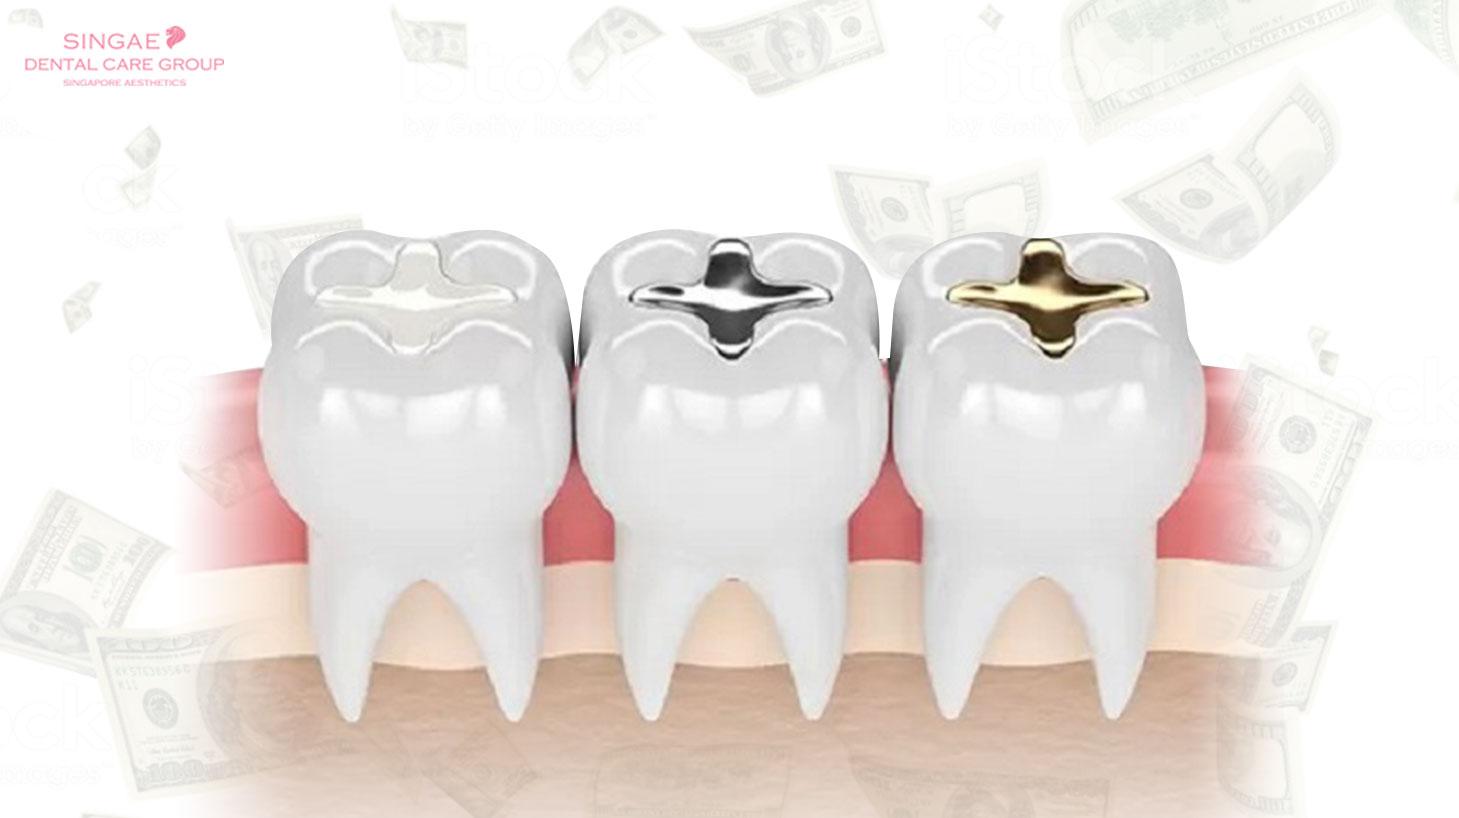 Hàn răng bao nhiêu tiền? Tiết lộ chi phí hàn răng bất ngờ